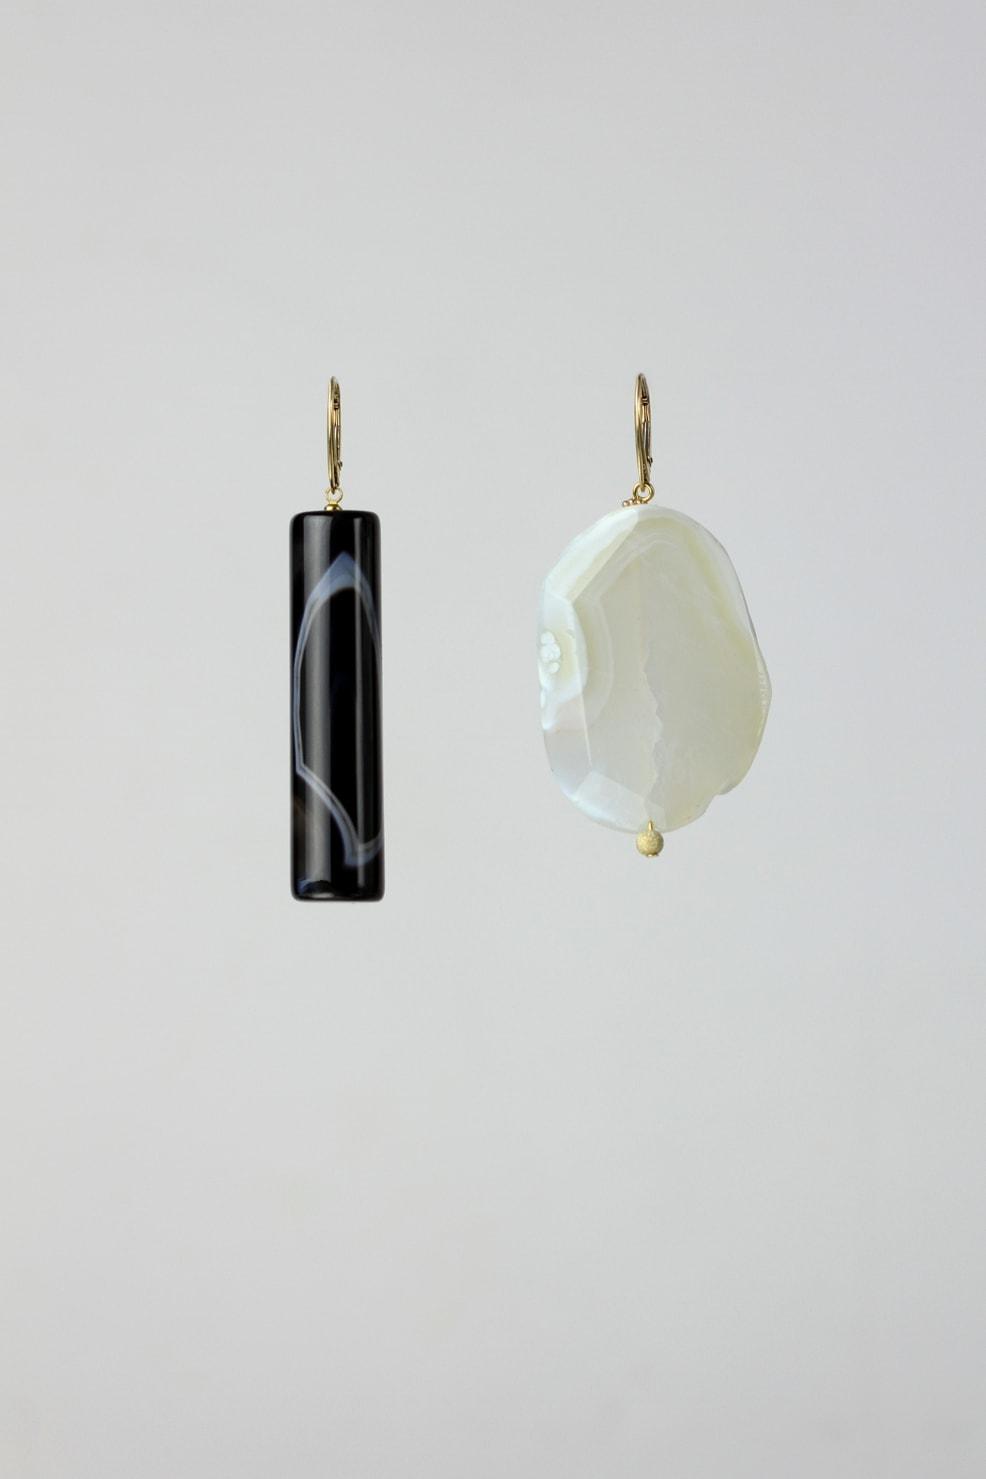 Botswana and Brazilian agate earrings